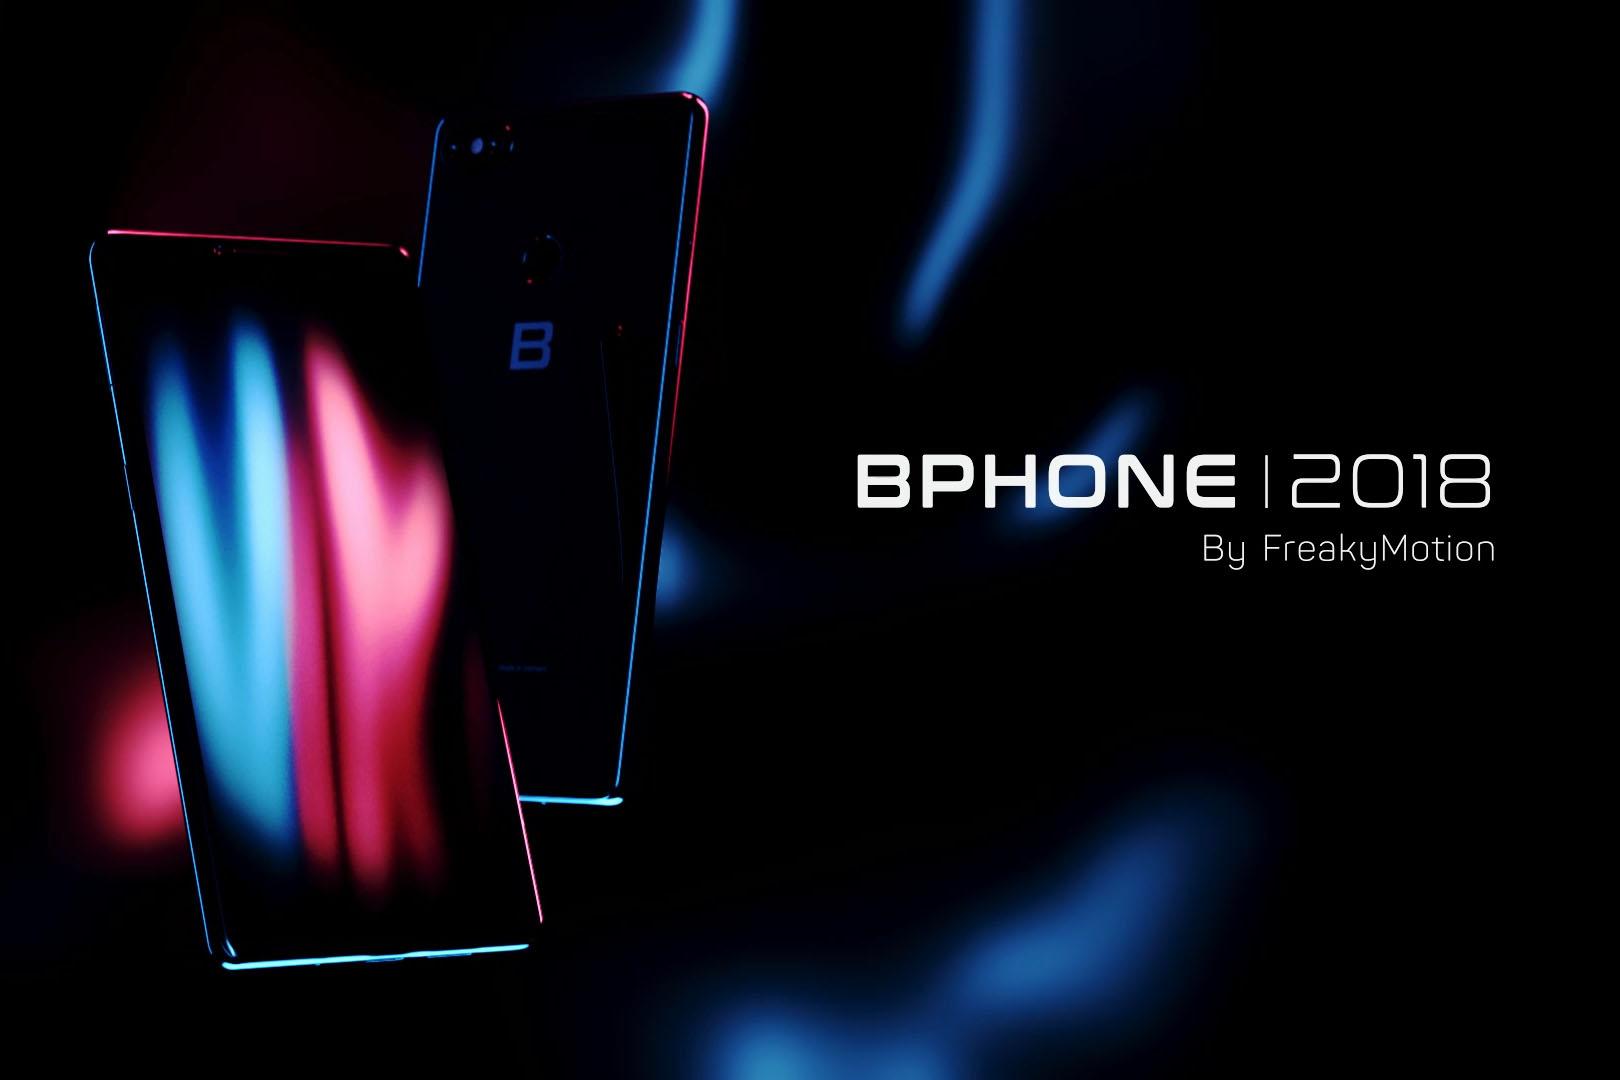 Hình ảnh Bphone 3 sát với thực tế xuất hiện trong clip mô phỏng